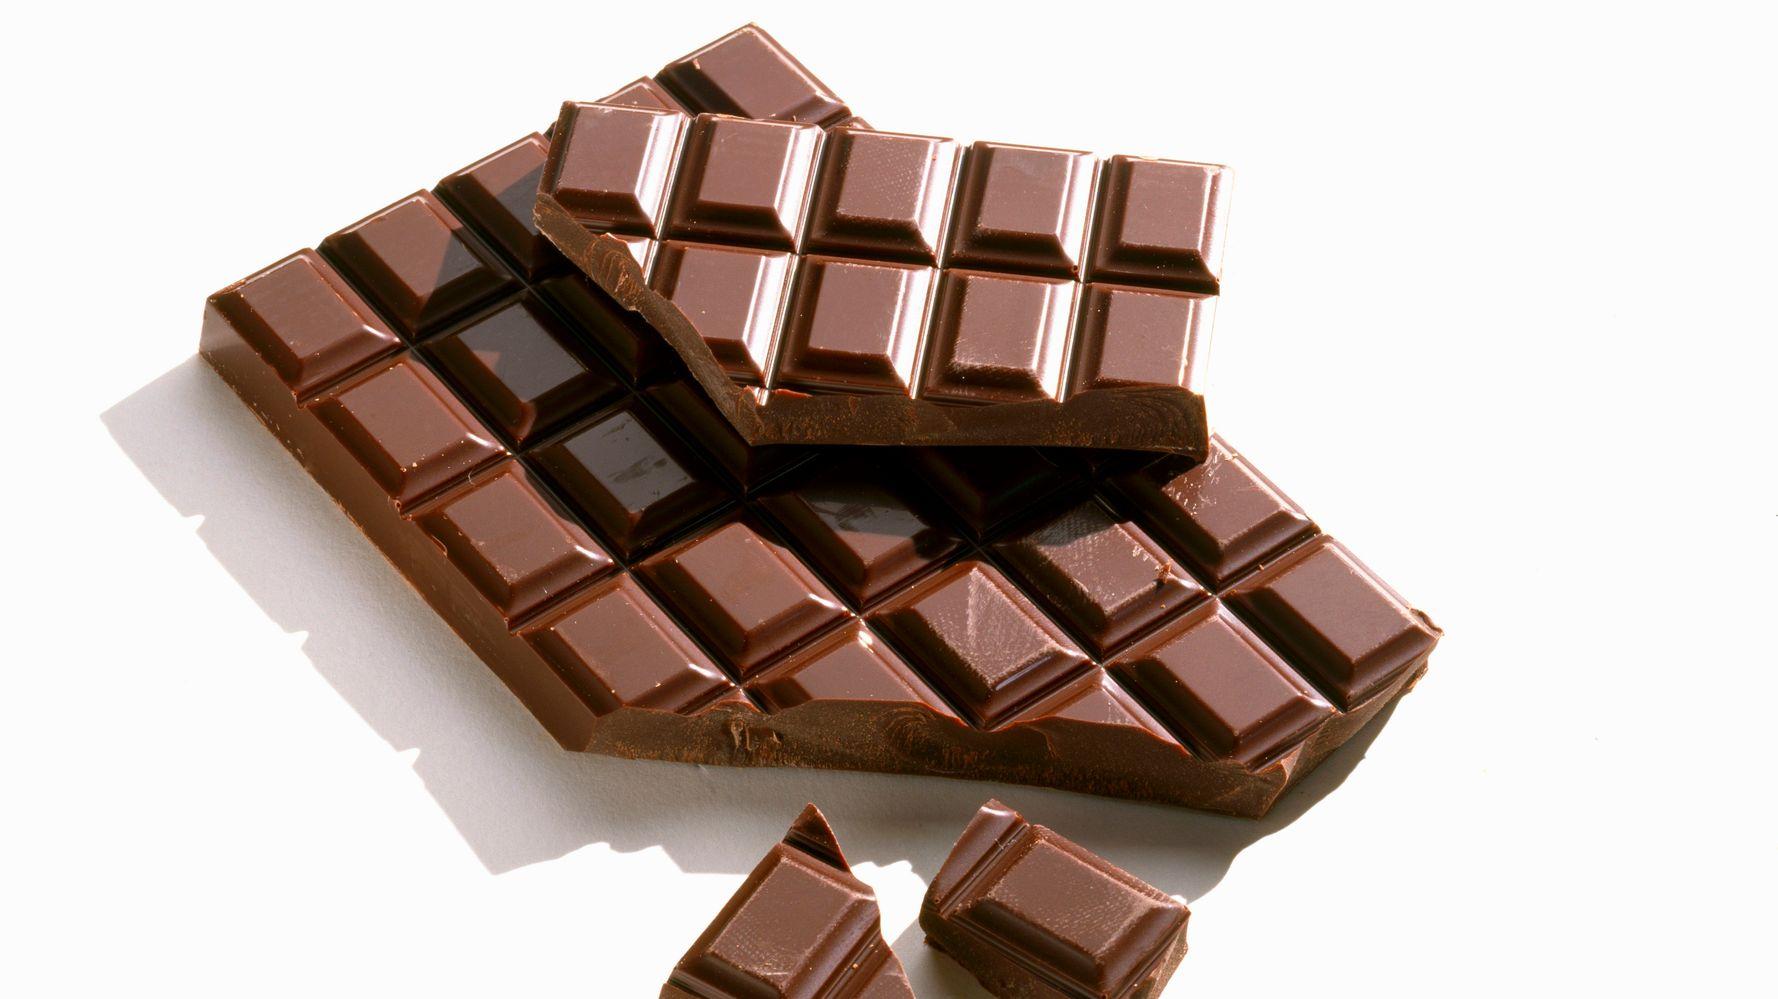 خرید شکلات تخته ای شیرینی پزی